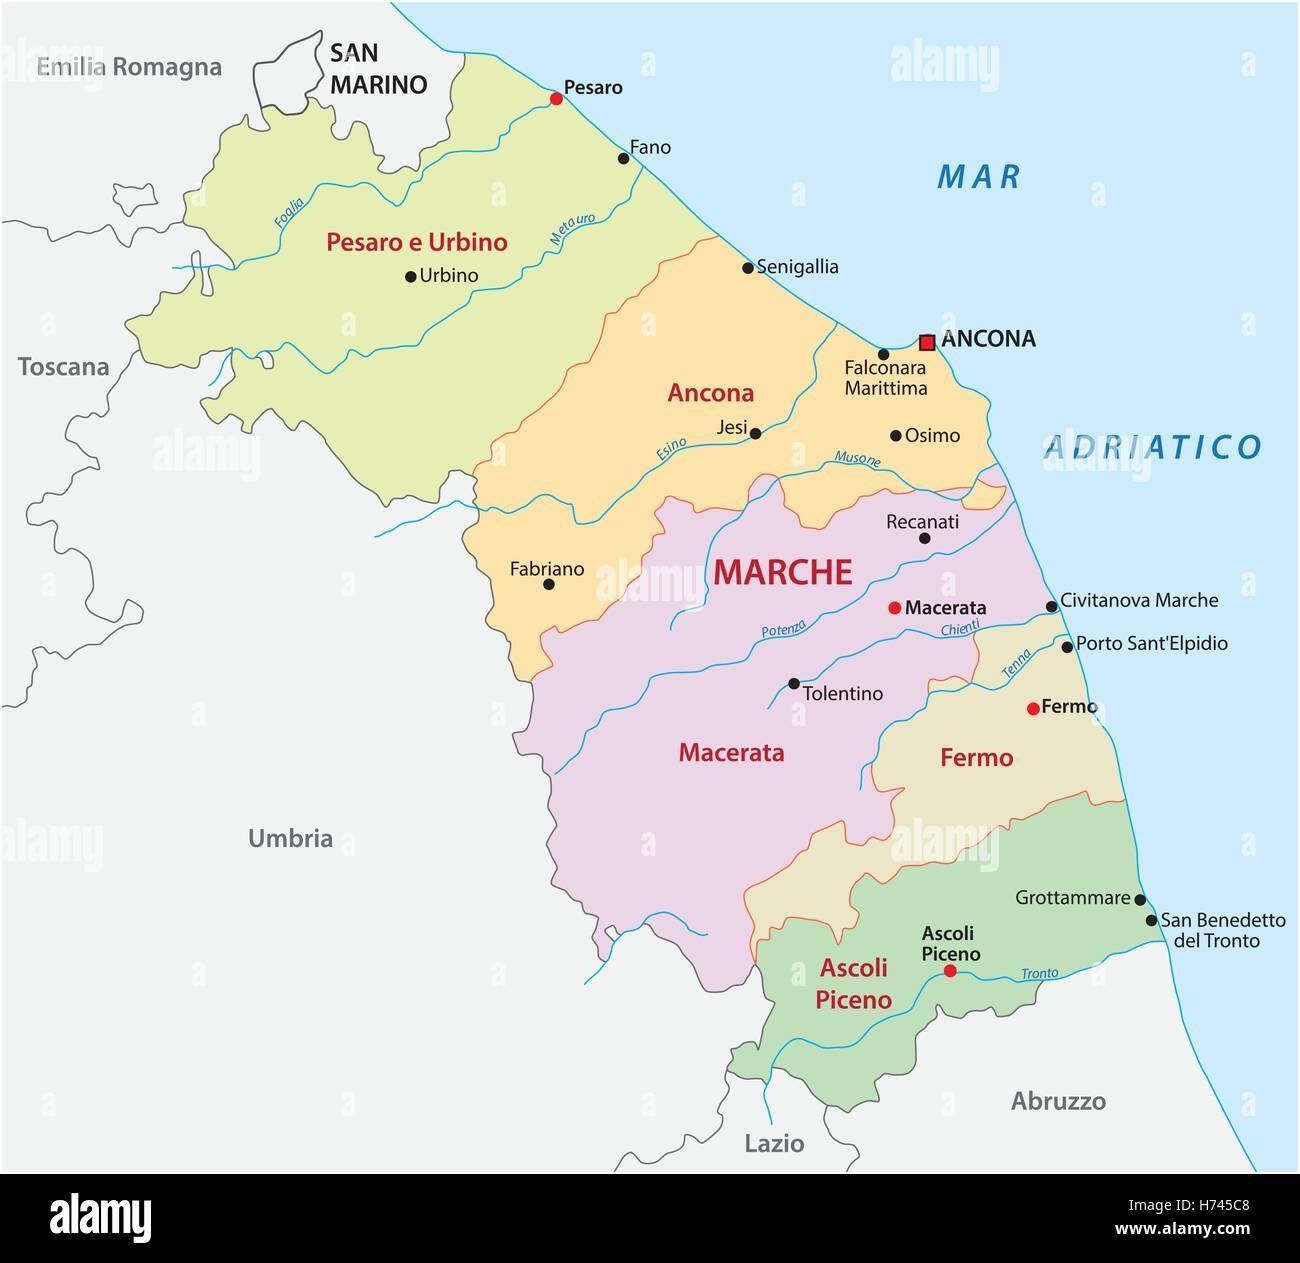 Le Marche Cartina Politica.Politica E Amministrativa Di Mappa Di Italia La Regione Marche Immagine E Vettoriale Alamy